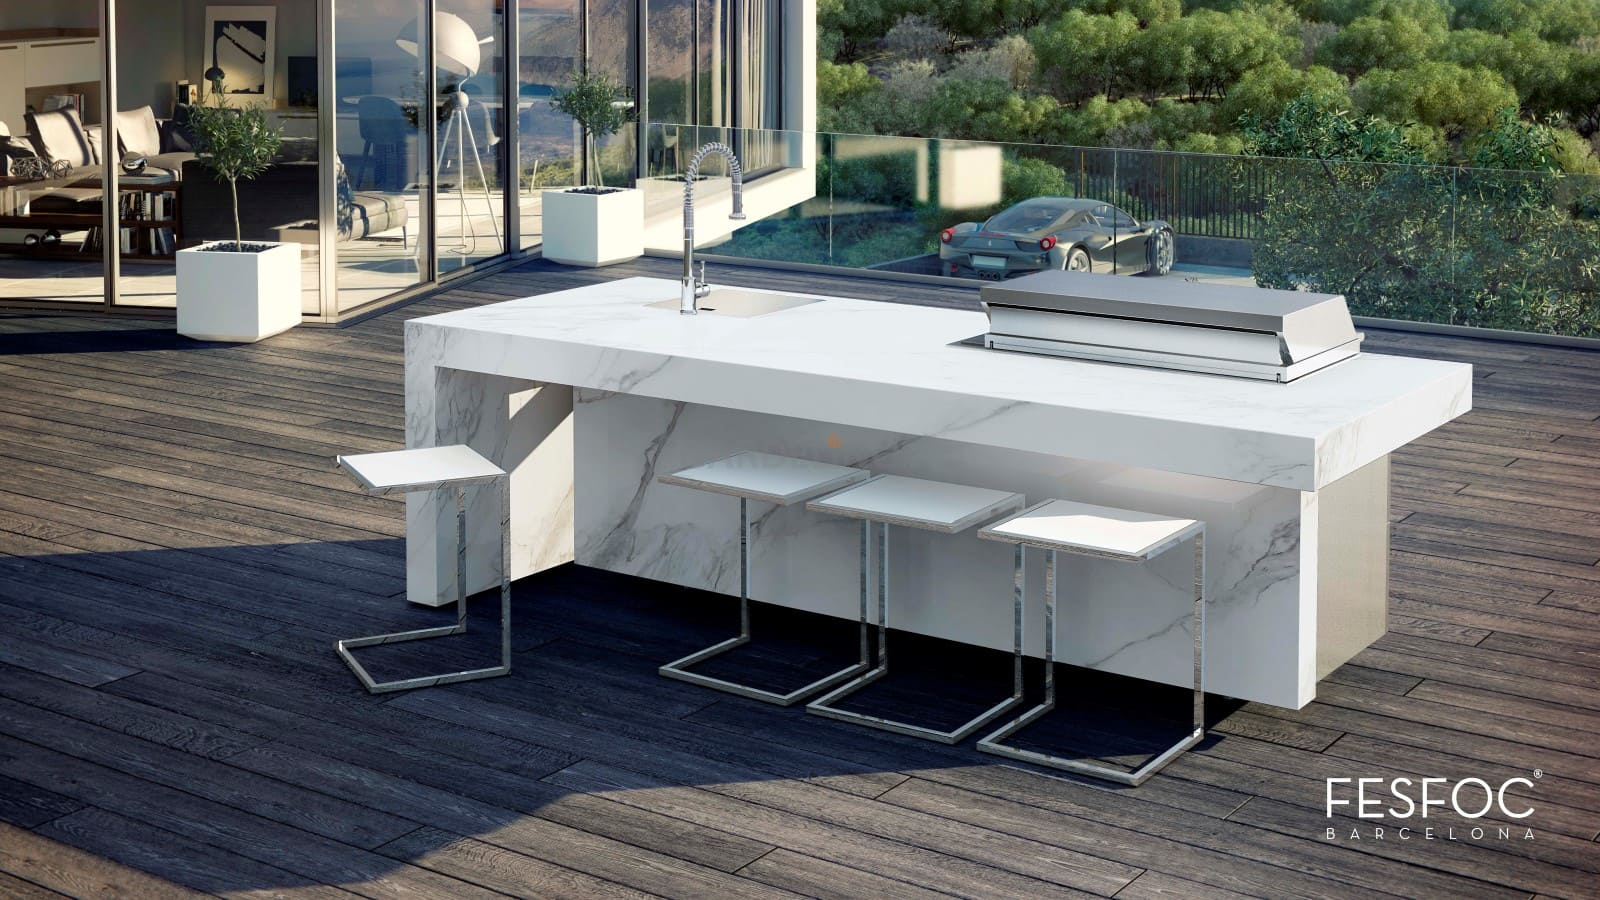 Outdoor Küche Edelstahl Erfahrungen : Fesfoc outdoor küche aus edelstahl nach ihrem design